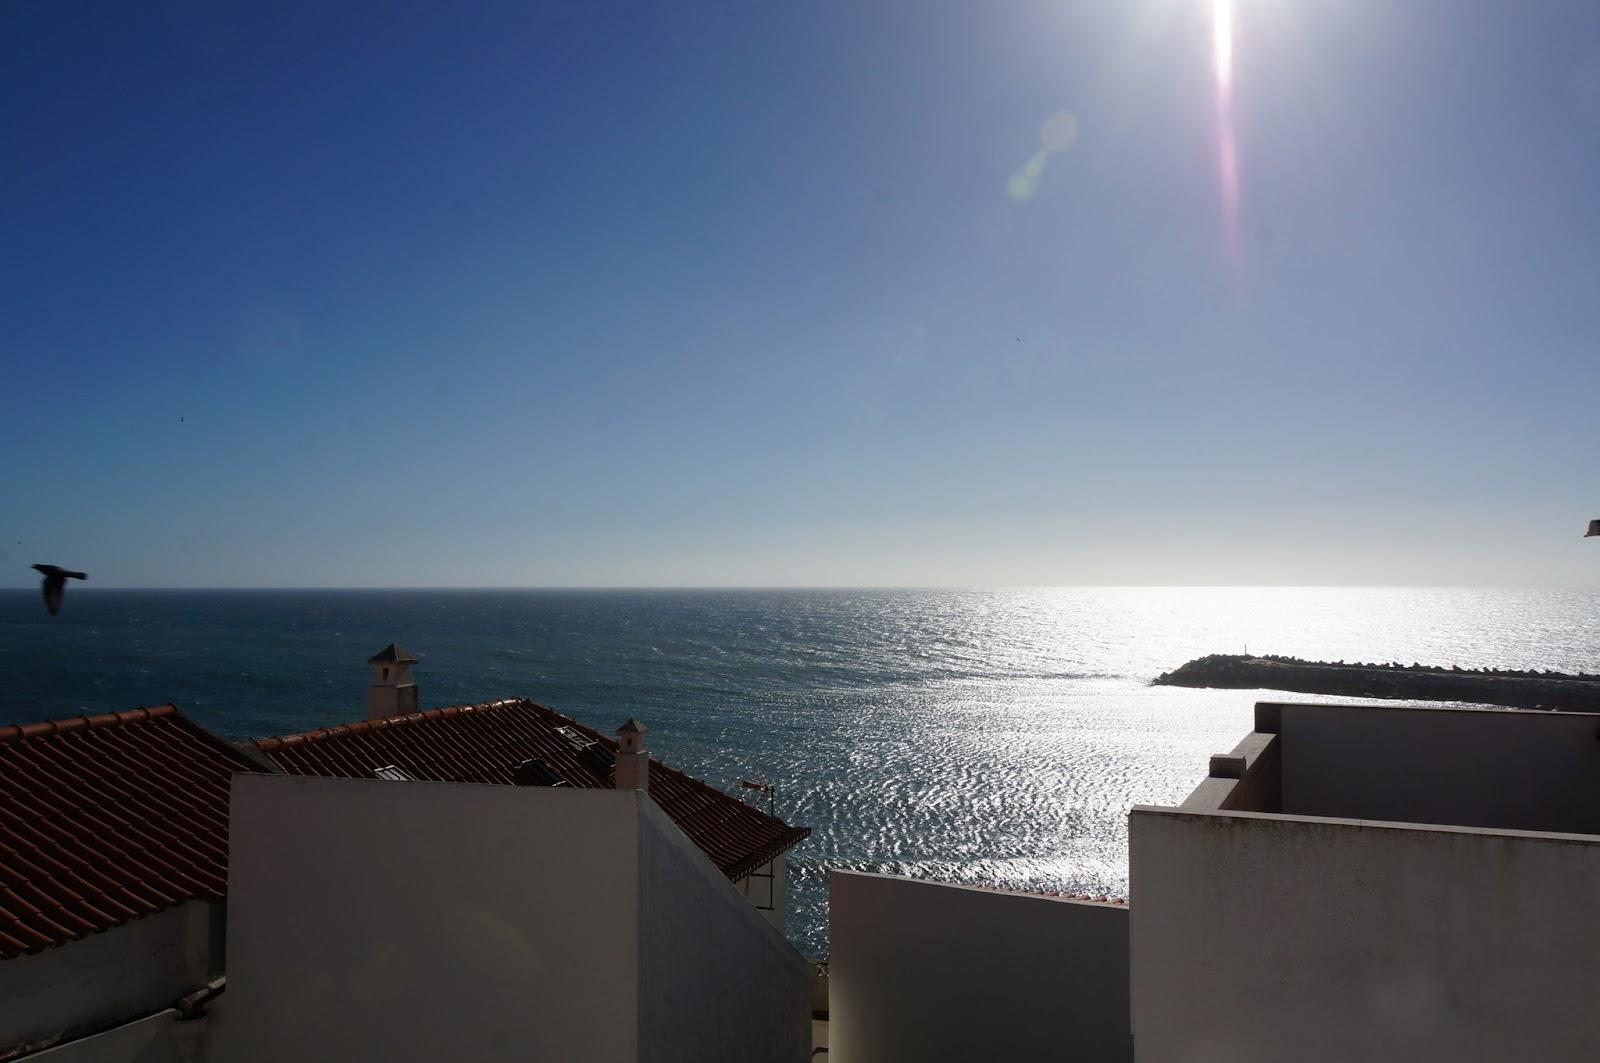 Casa das Aguarelas - Ericeira - Portugal